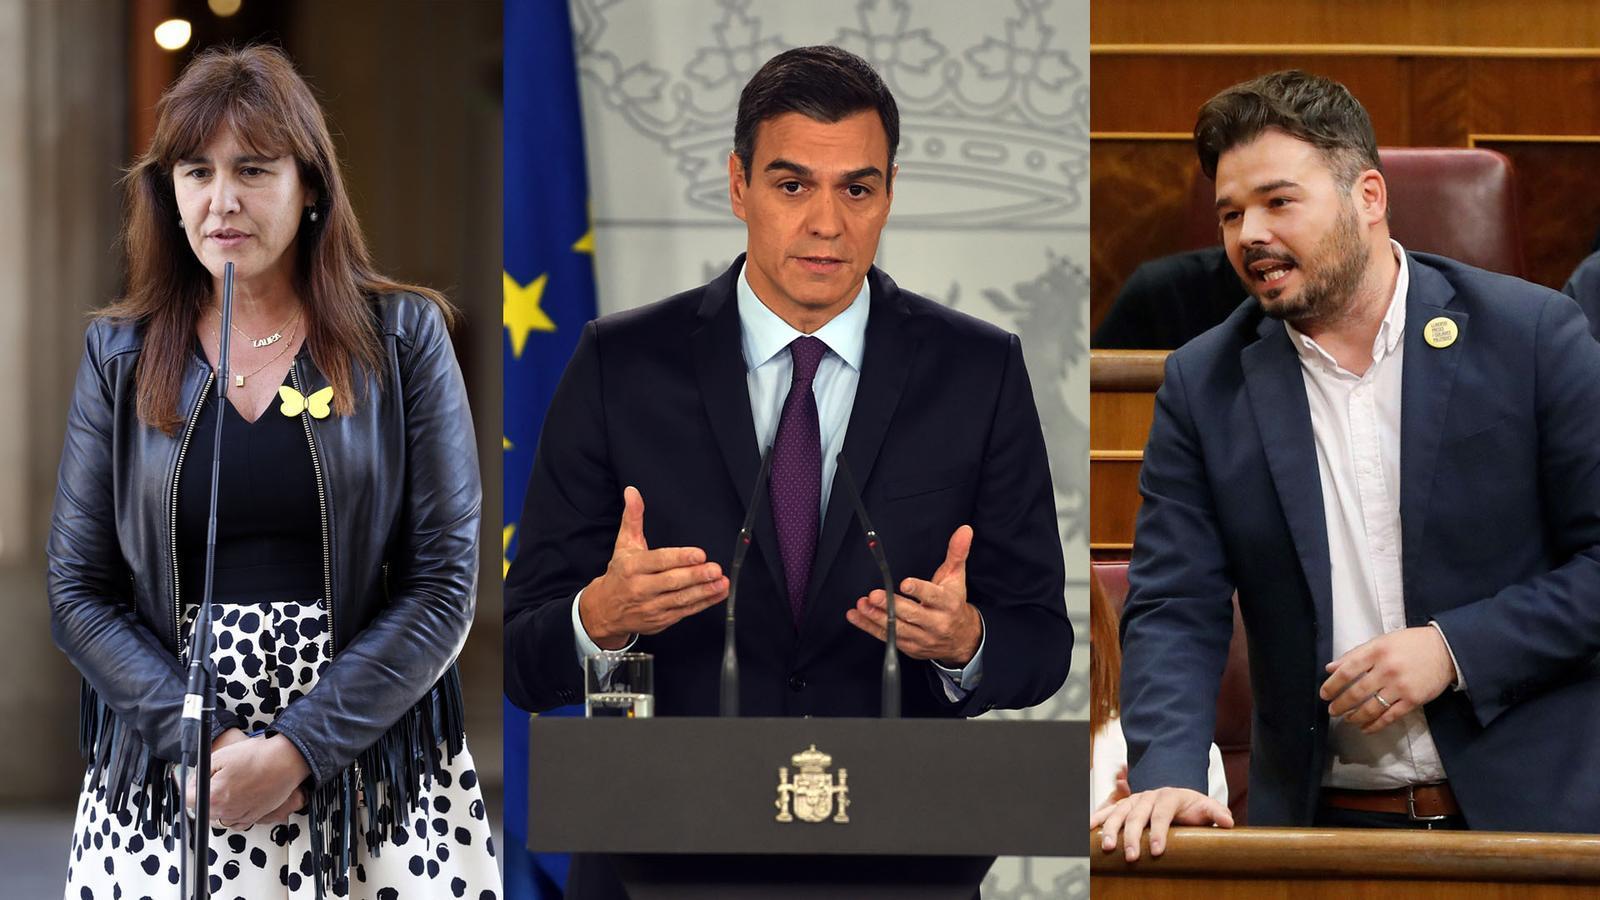 L'anàlisi d'Antoni Bassas: 'A Catalunya, la investidura començarà amb la sentència'